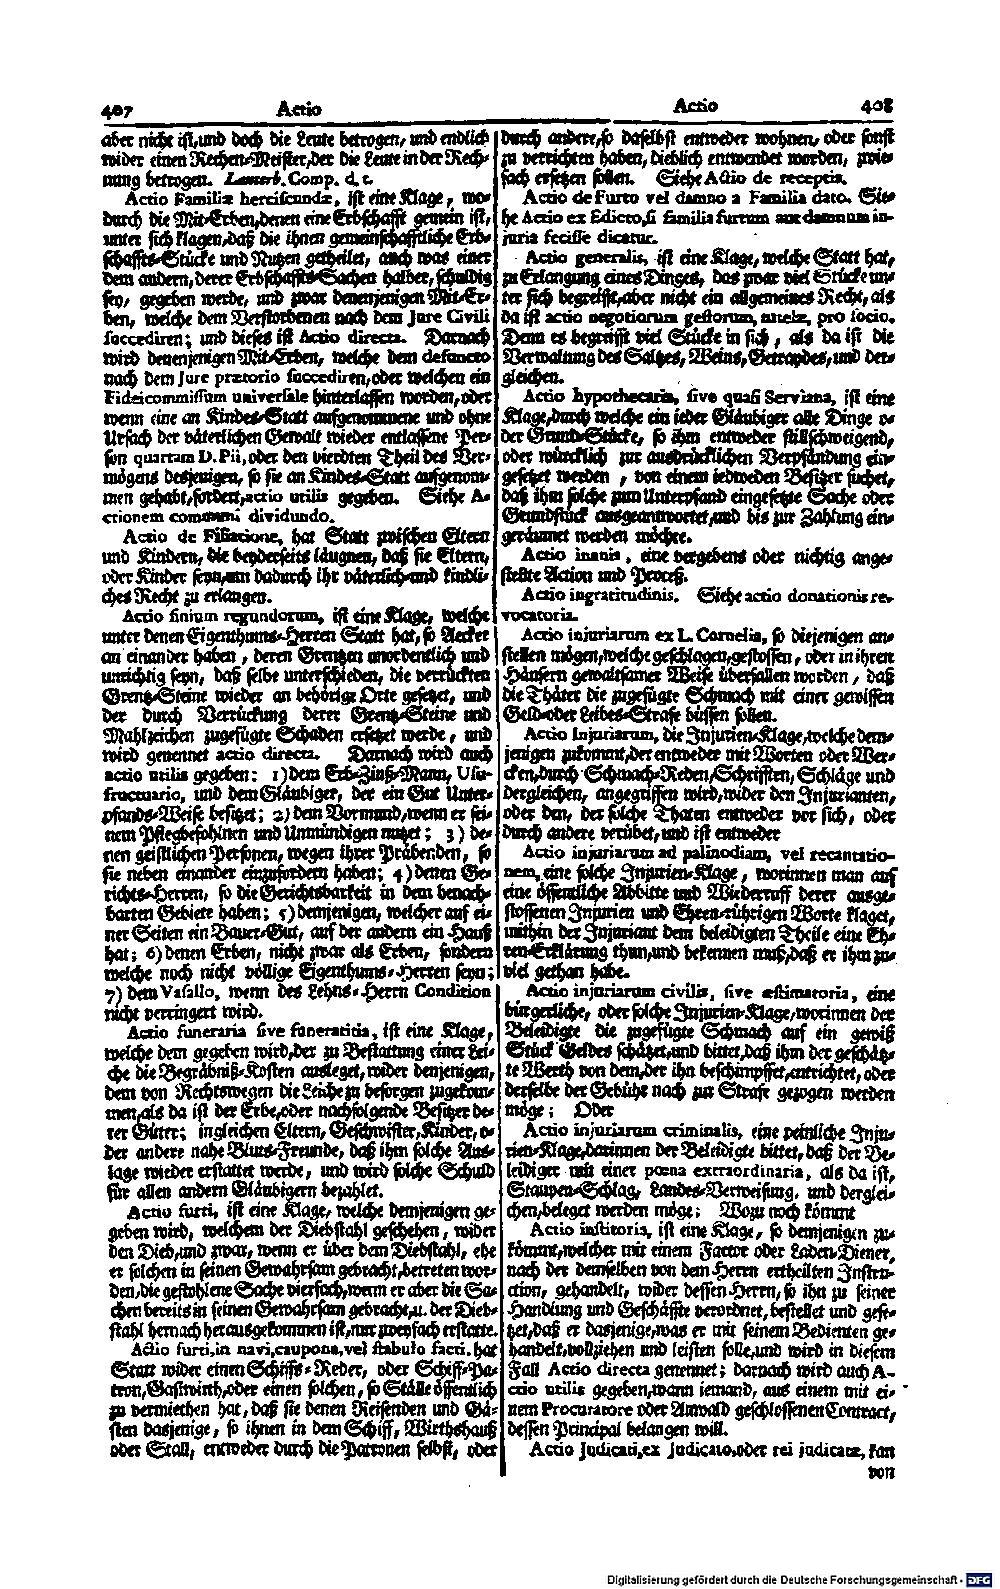 Bd. 01, Seite 0243.